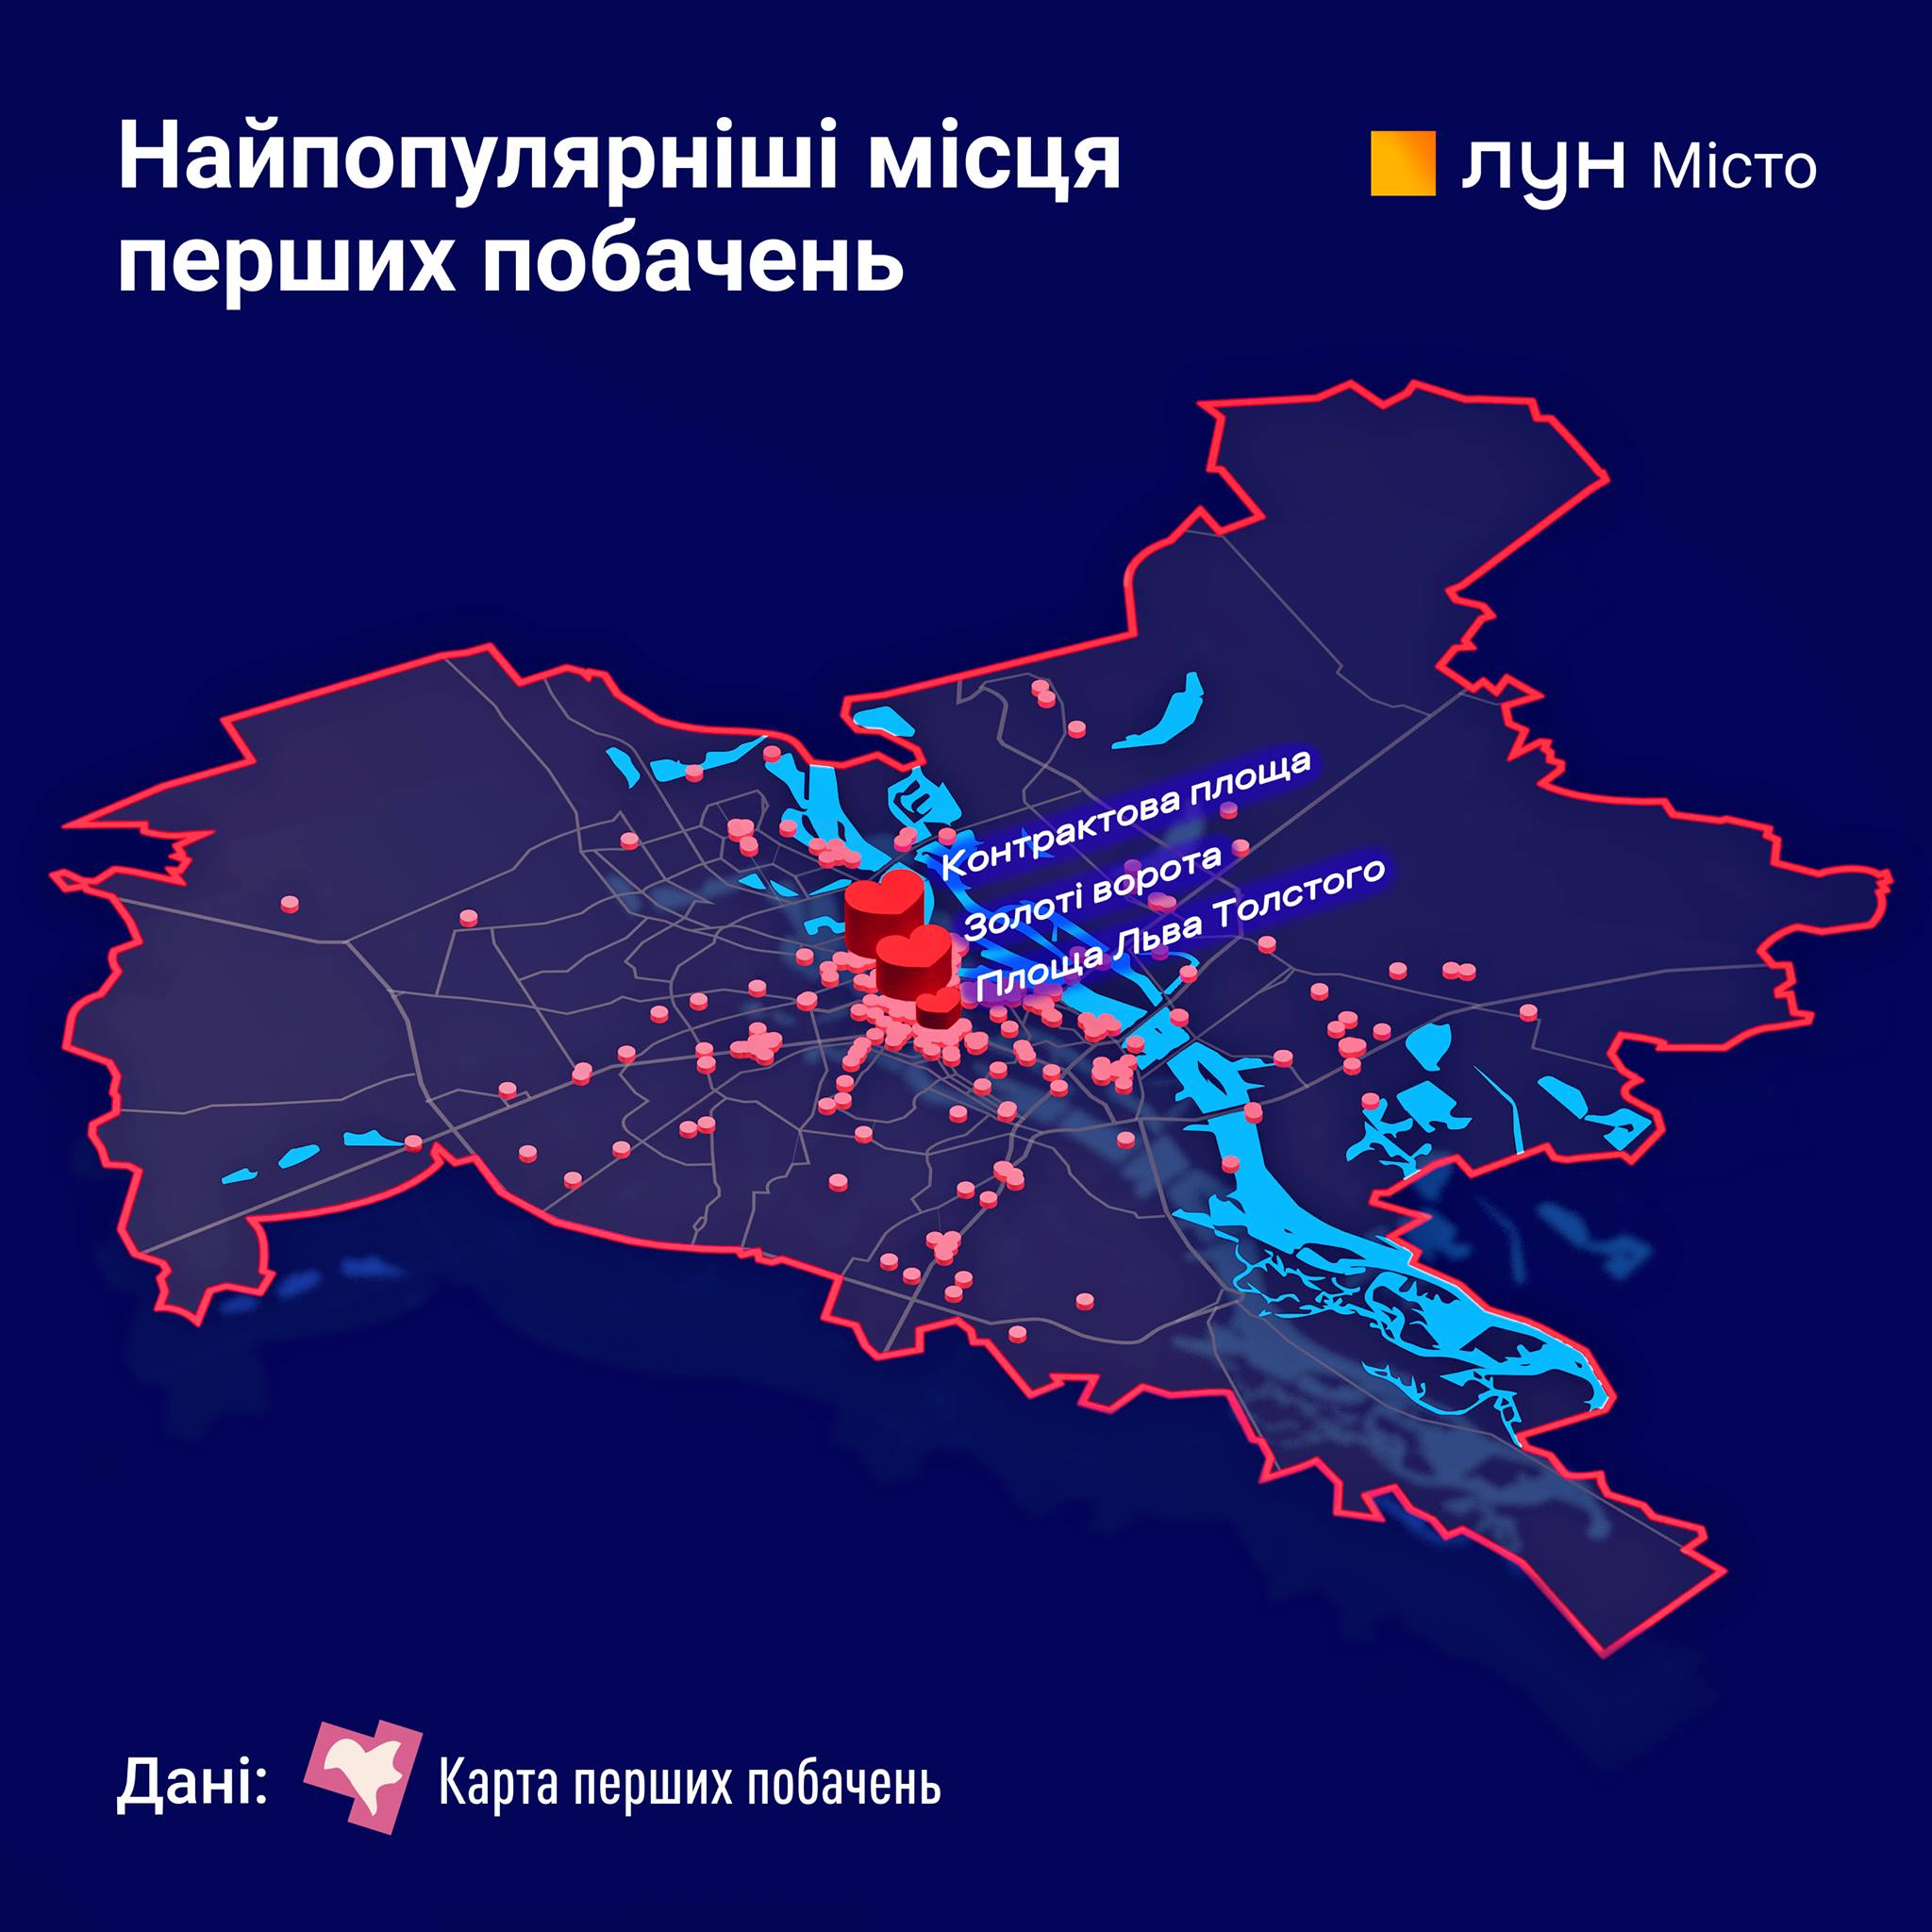 Рейтинг самых популярных мест для свиданий в Киеве.Вокруг Света. Украина